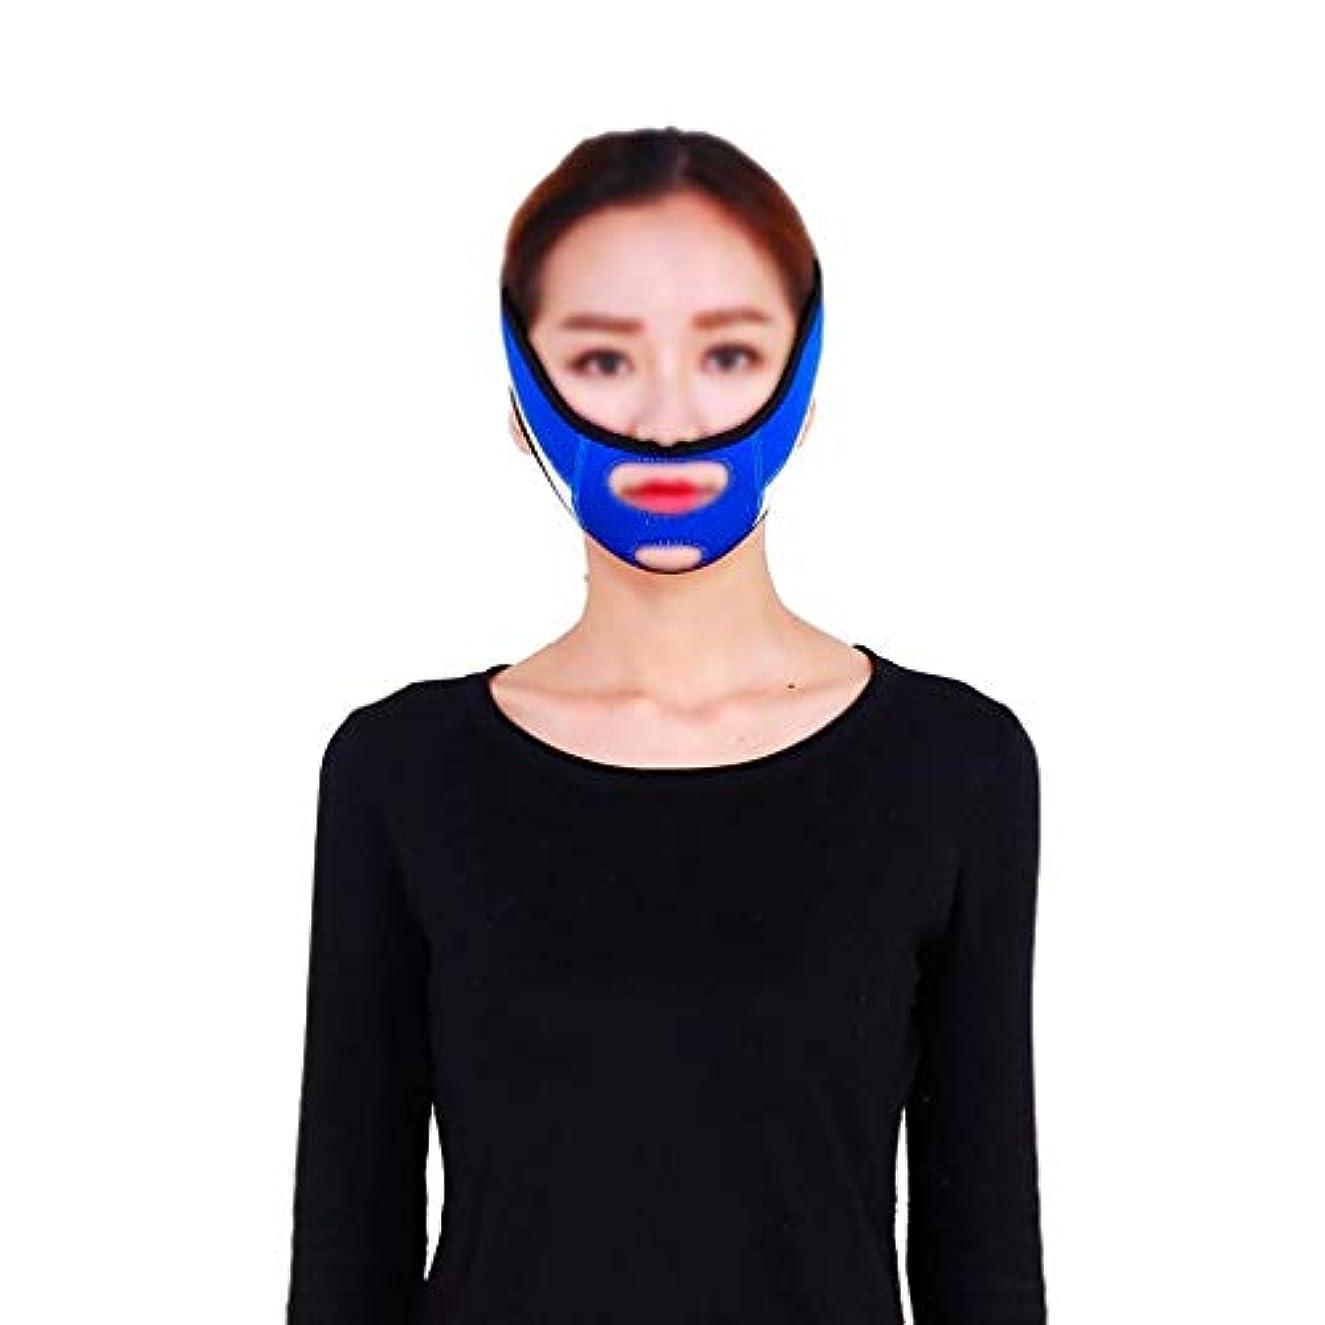 移植温帯テレマコスファーミングフェイスマスク、スモールVフェイスアーティファクトリフティングマスク、口を調整して垂れ下がった肌を縮小滑り止め弾性ストレッチ包帯